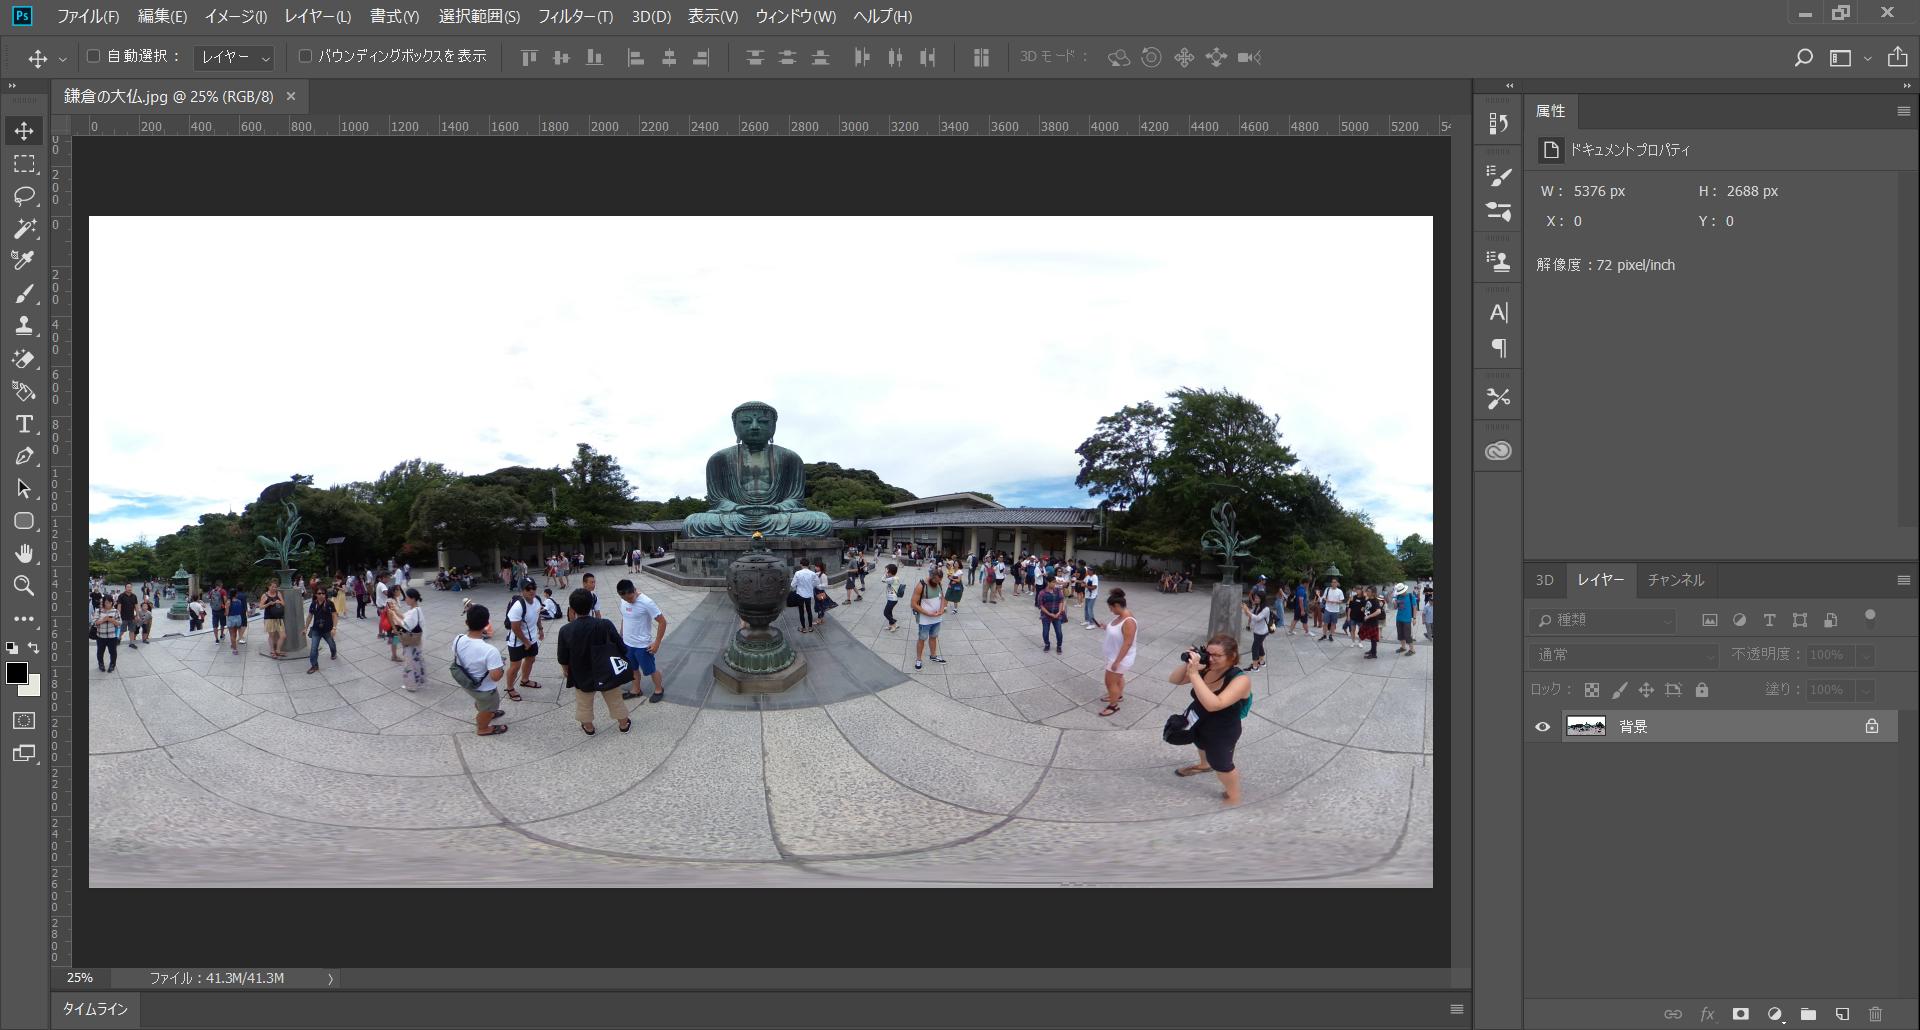 Photoshop_鎌倉の大仏